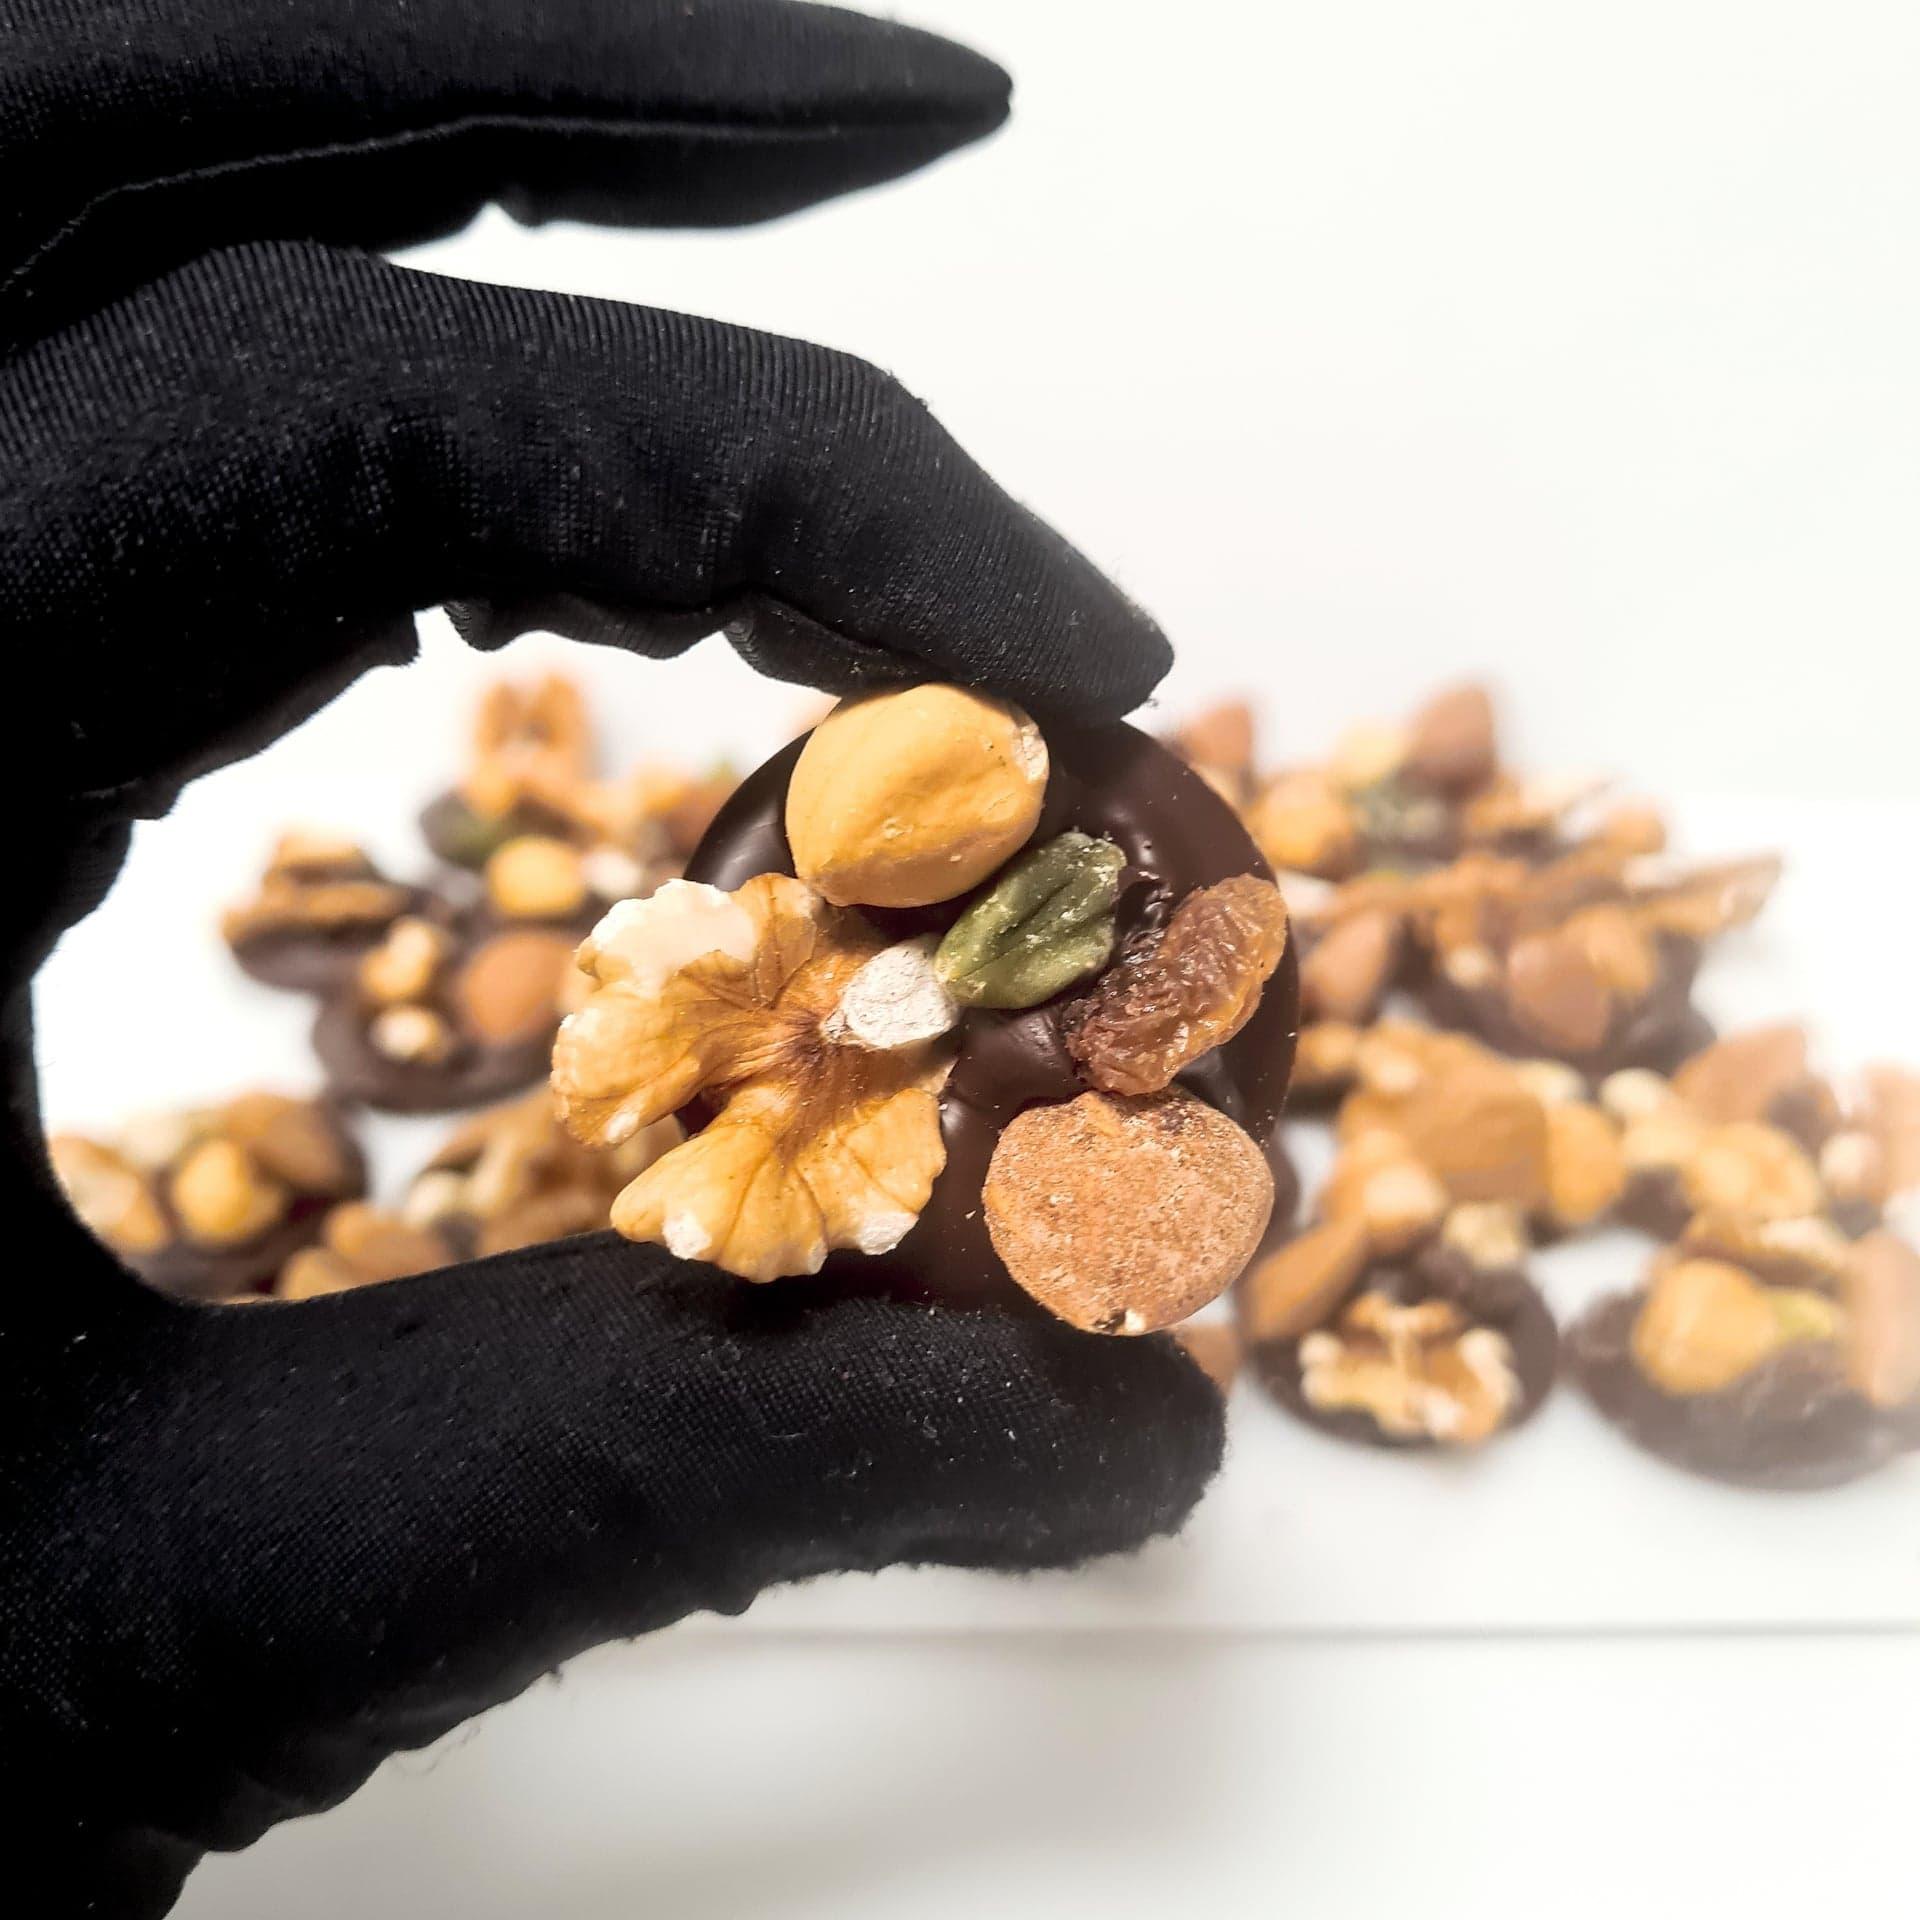 Palet de chocolat noir, fruits sec